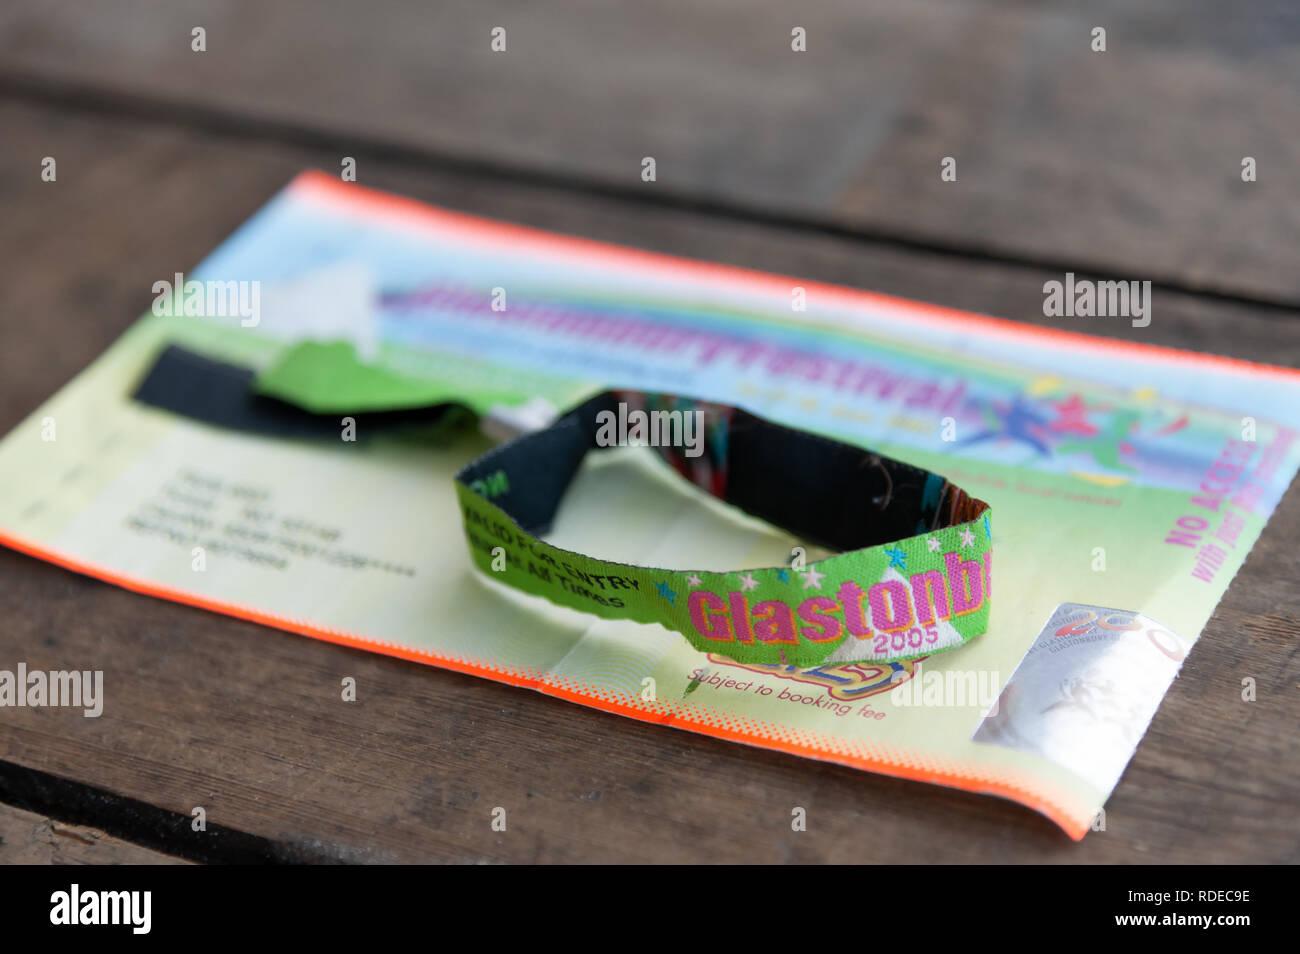 Used Glastonbury ticket and wrist band from Glastonbury Festival 2005. - Stock Image